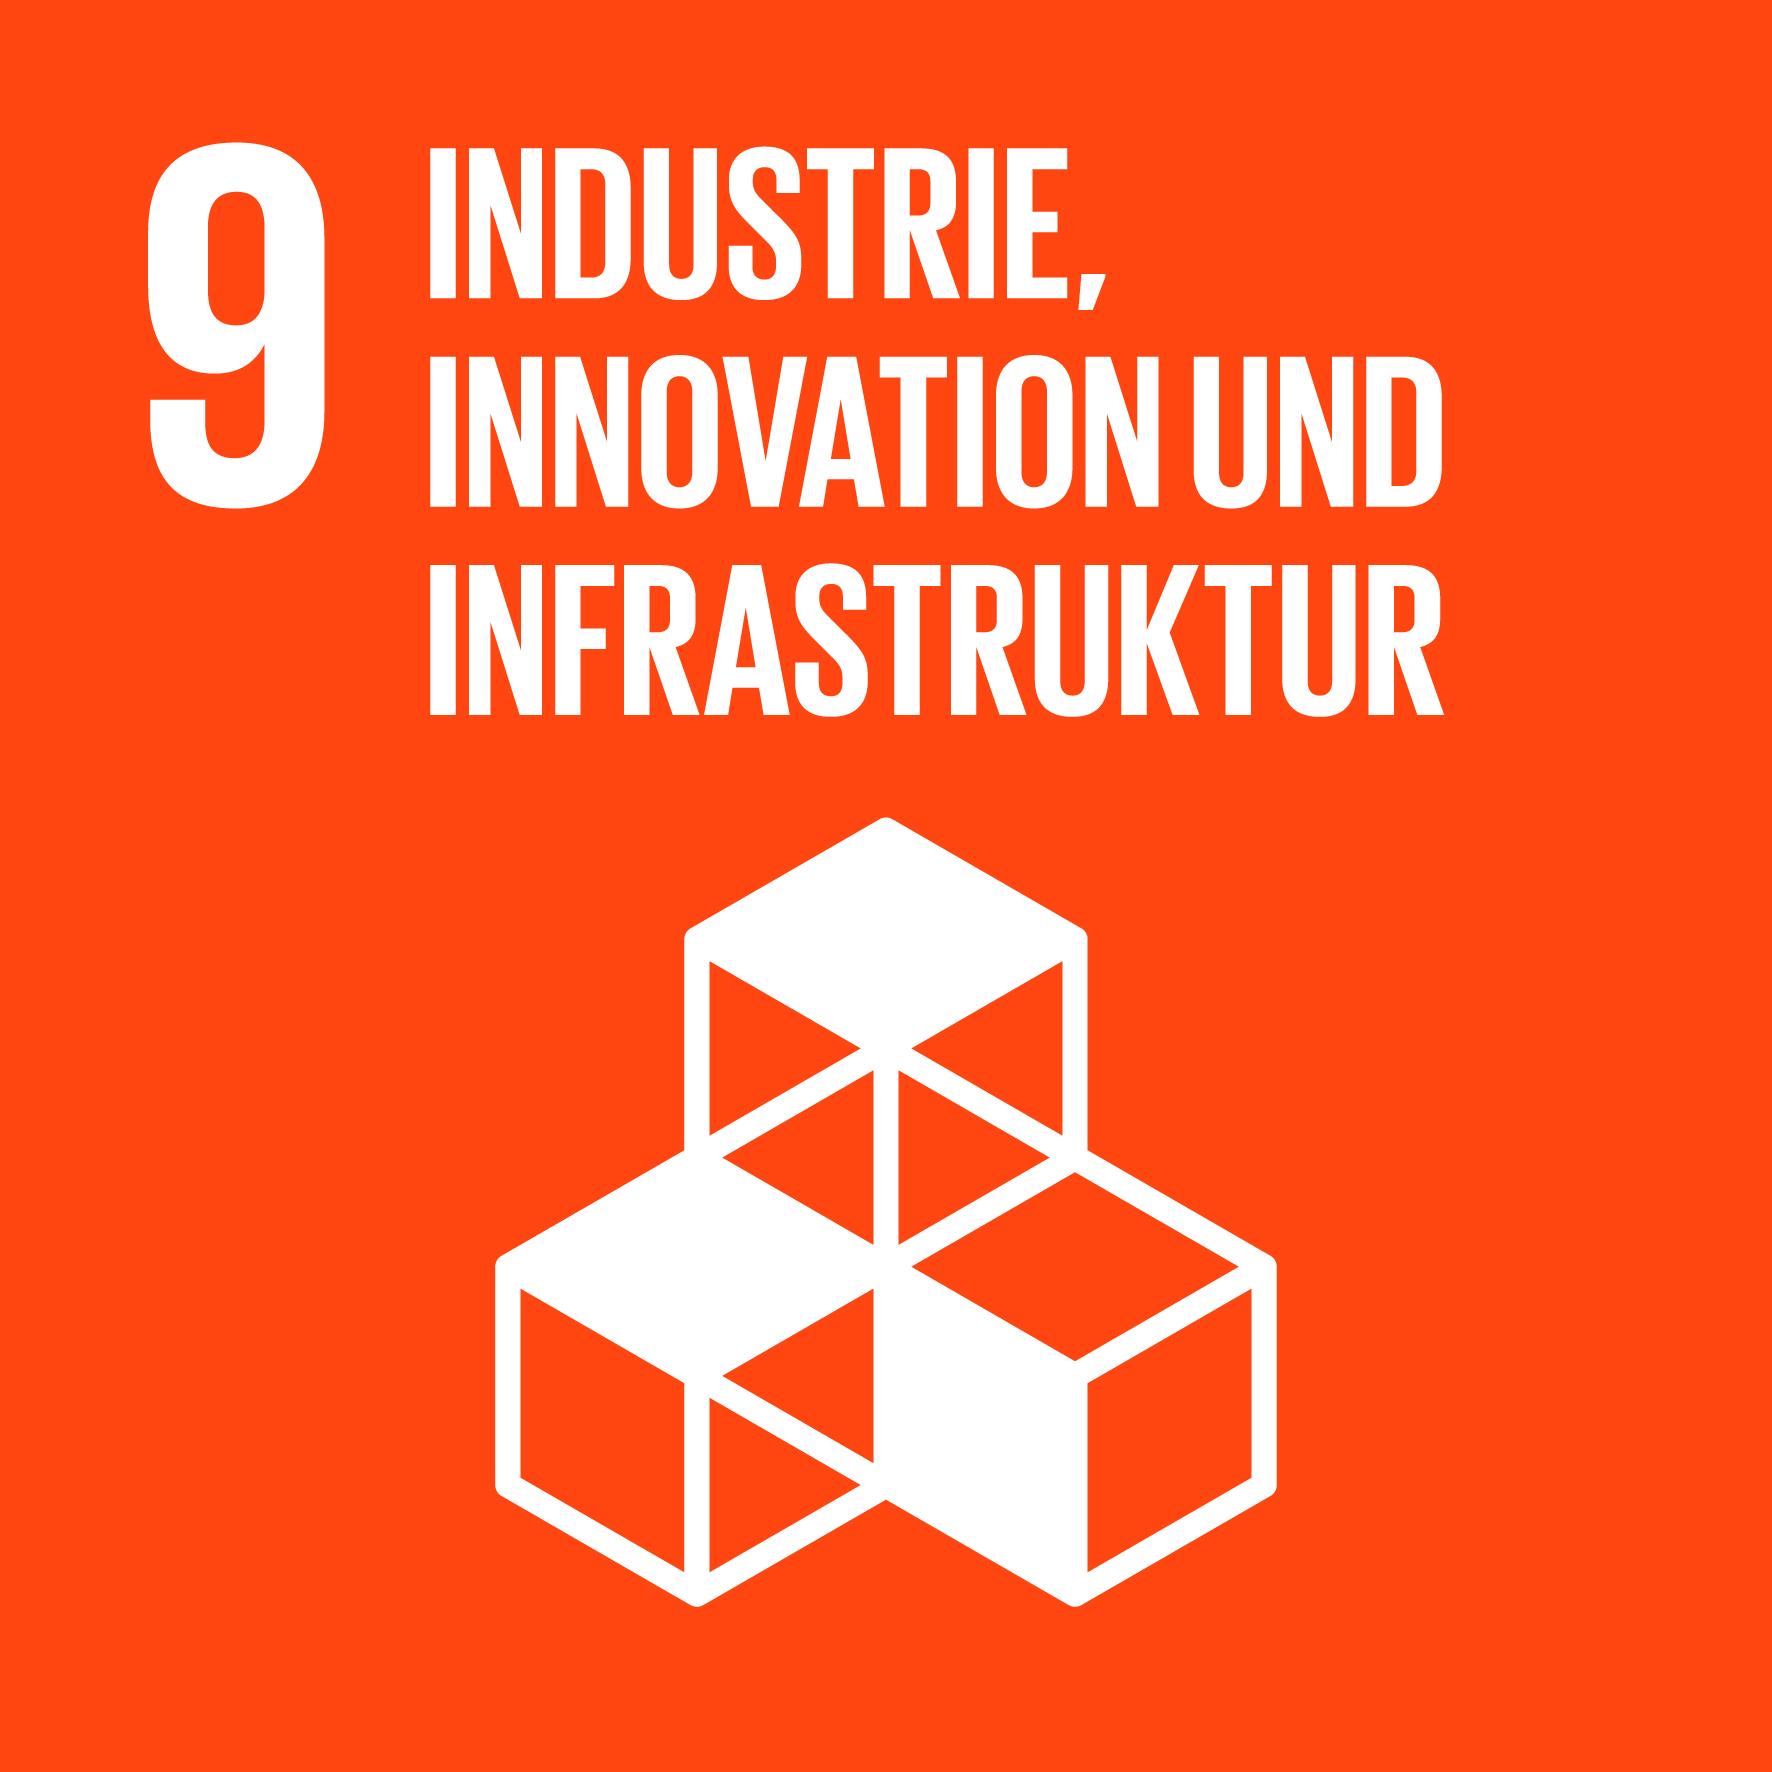 09 Industrie, Innovation und Infrastruktur